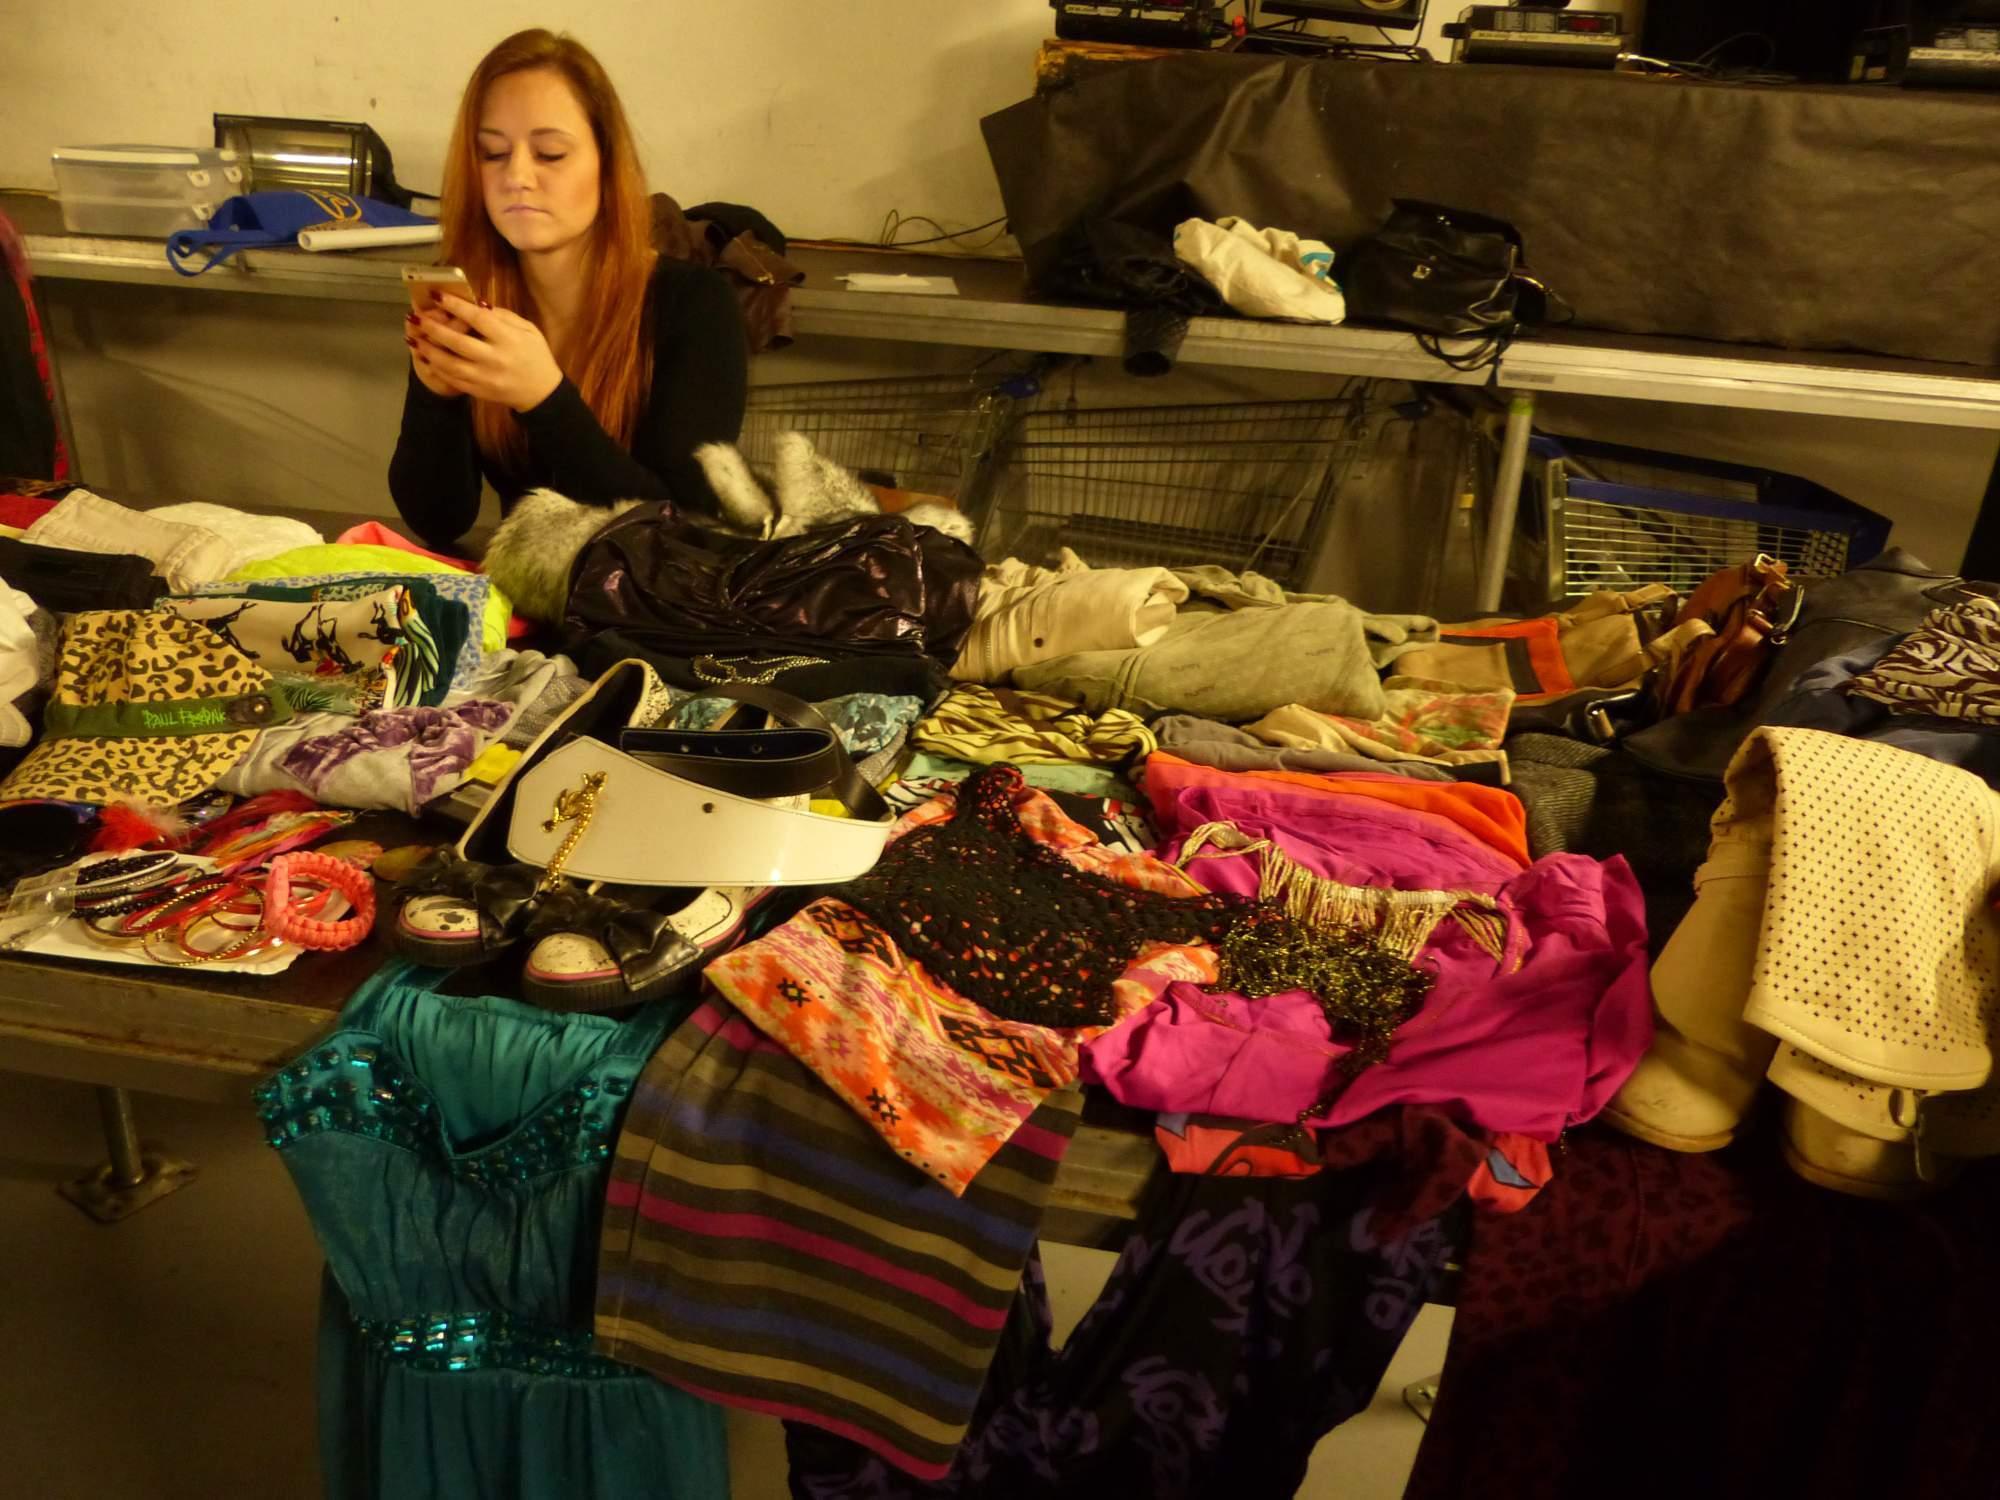 Spousta prodejců přinesla nevyužité oblečení či boty. Foto Jana Blahošová